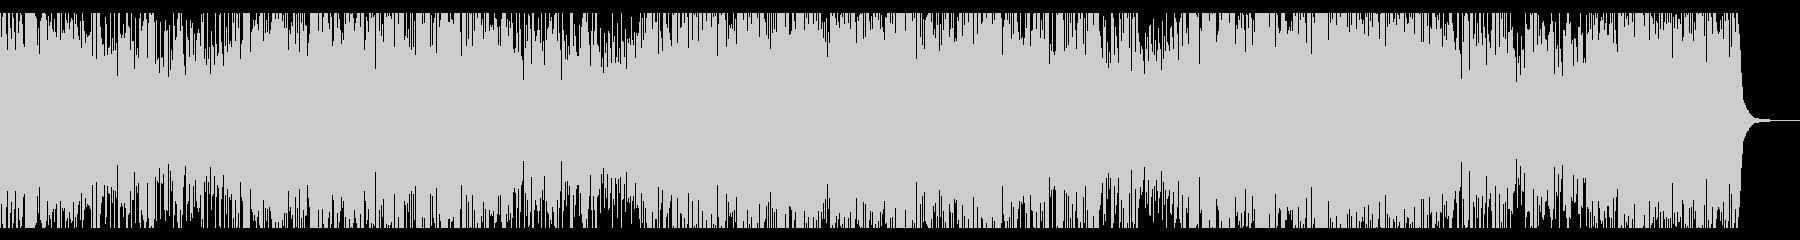 サックスのメロディがメインのジャズの未再生の波形